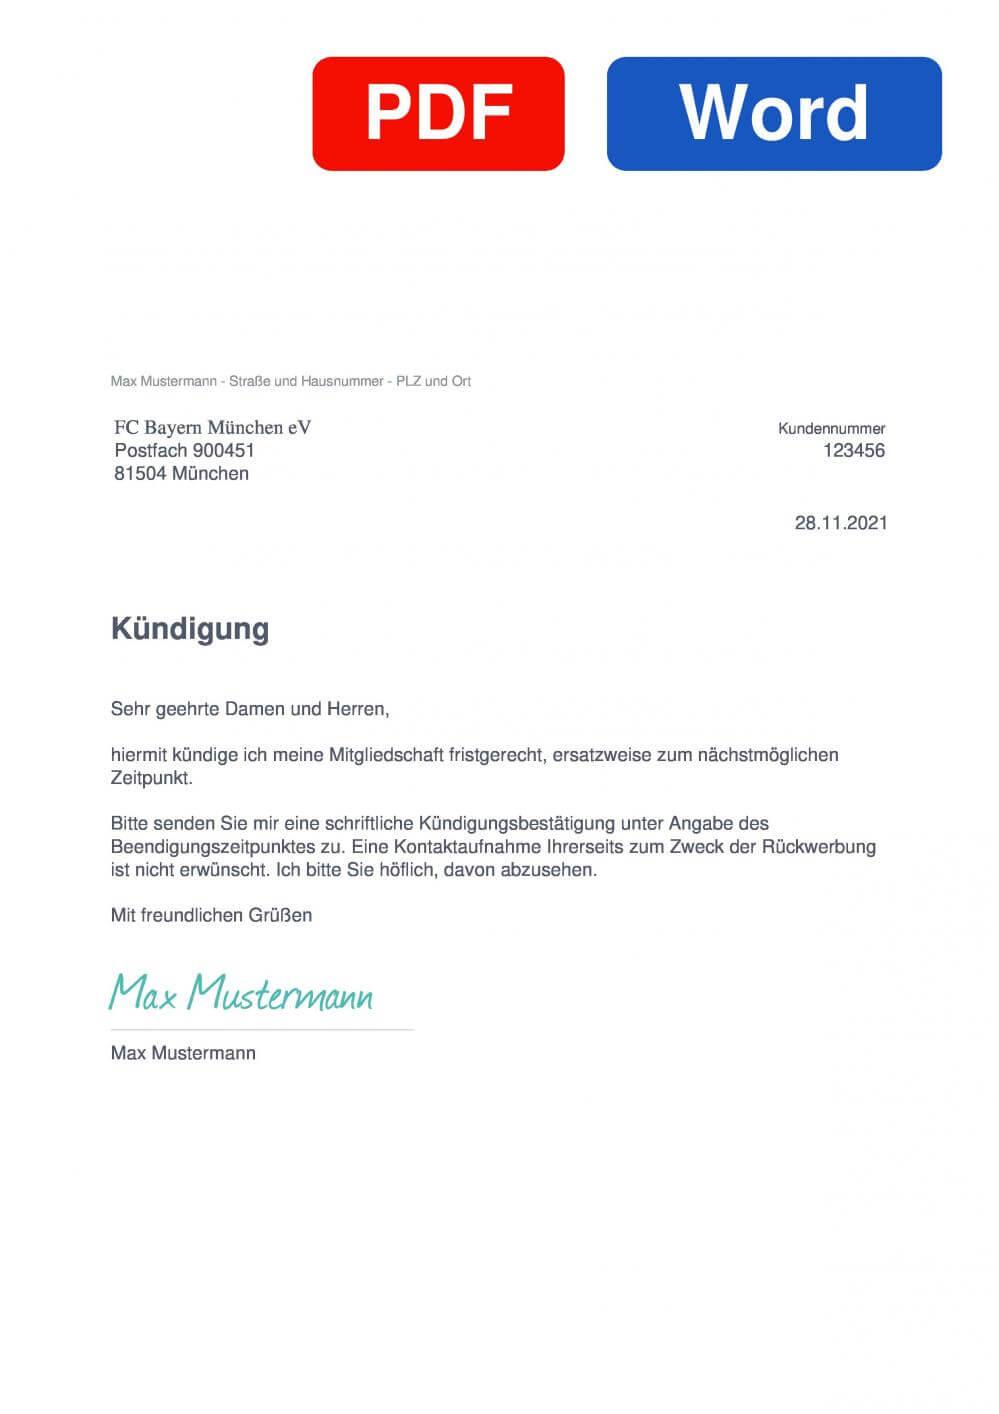 FC Bayern München Muster Vorlage für Kündigungsschreiben